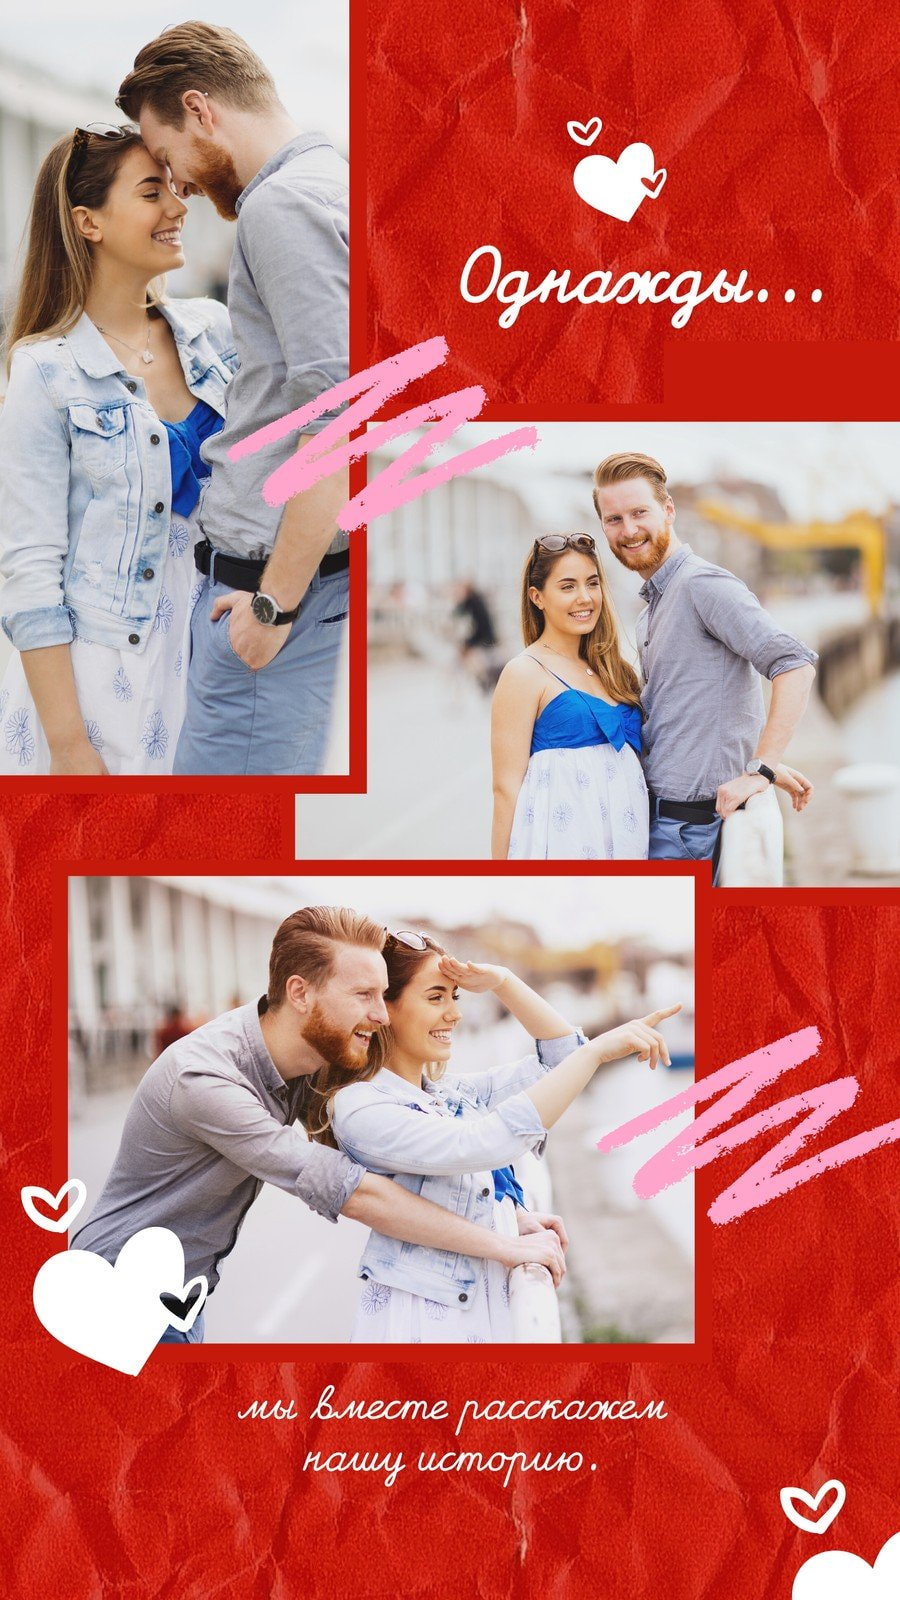 Красная Ваша история с фотографиями пар и сердечками